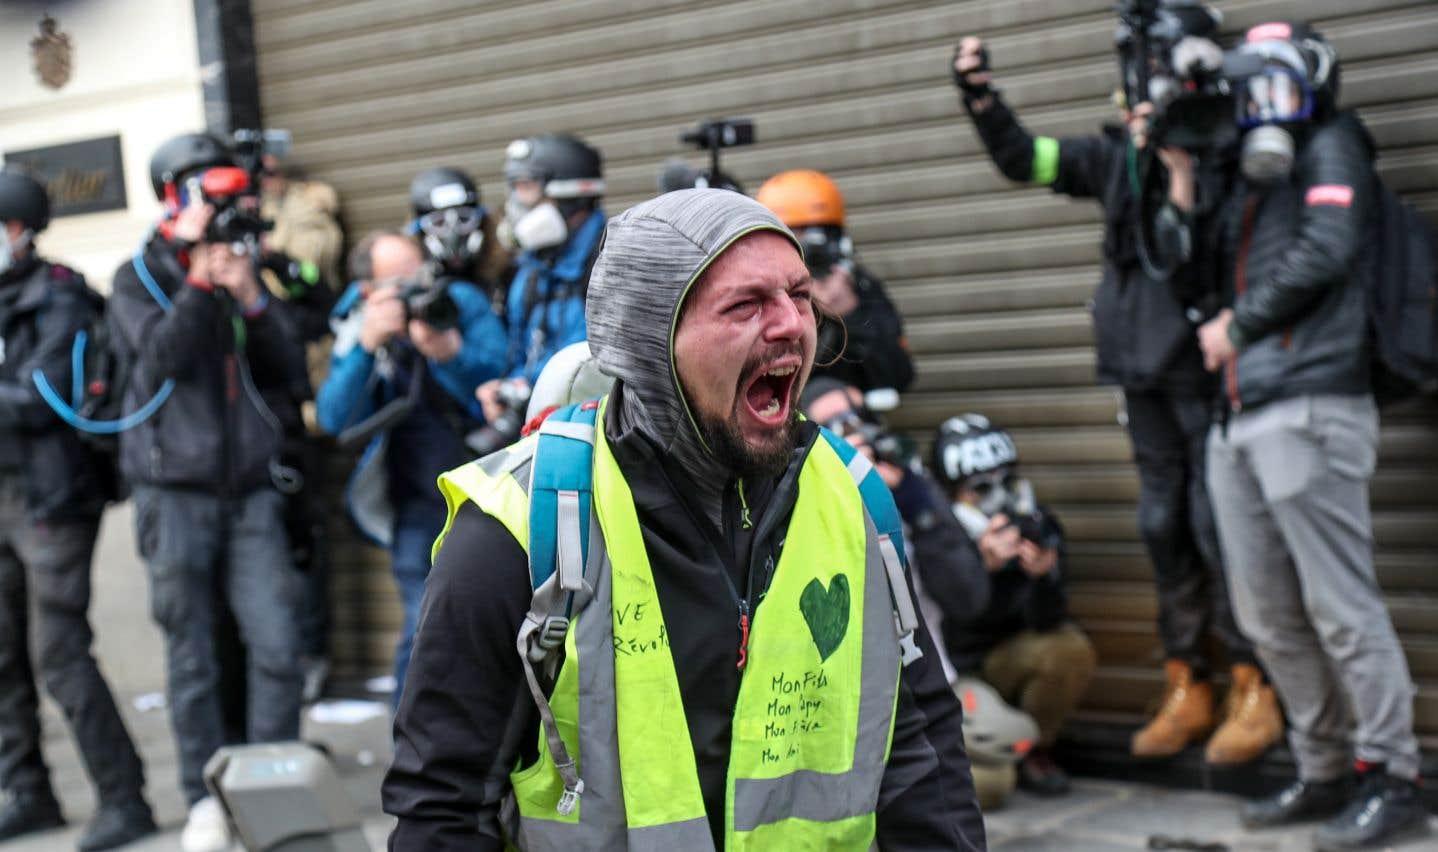 Un manifestant fait face aux policiers anti-émeute près de l'avenue des Champs-Élysées, à Paris.